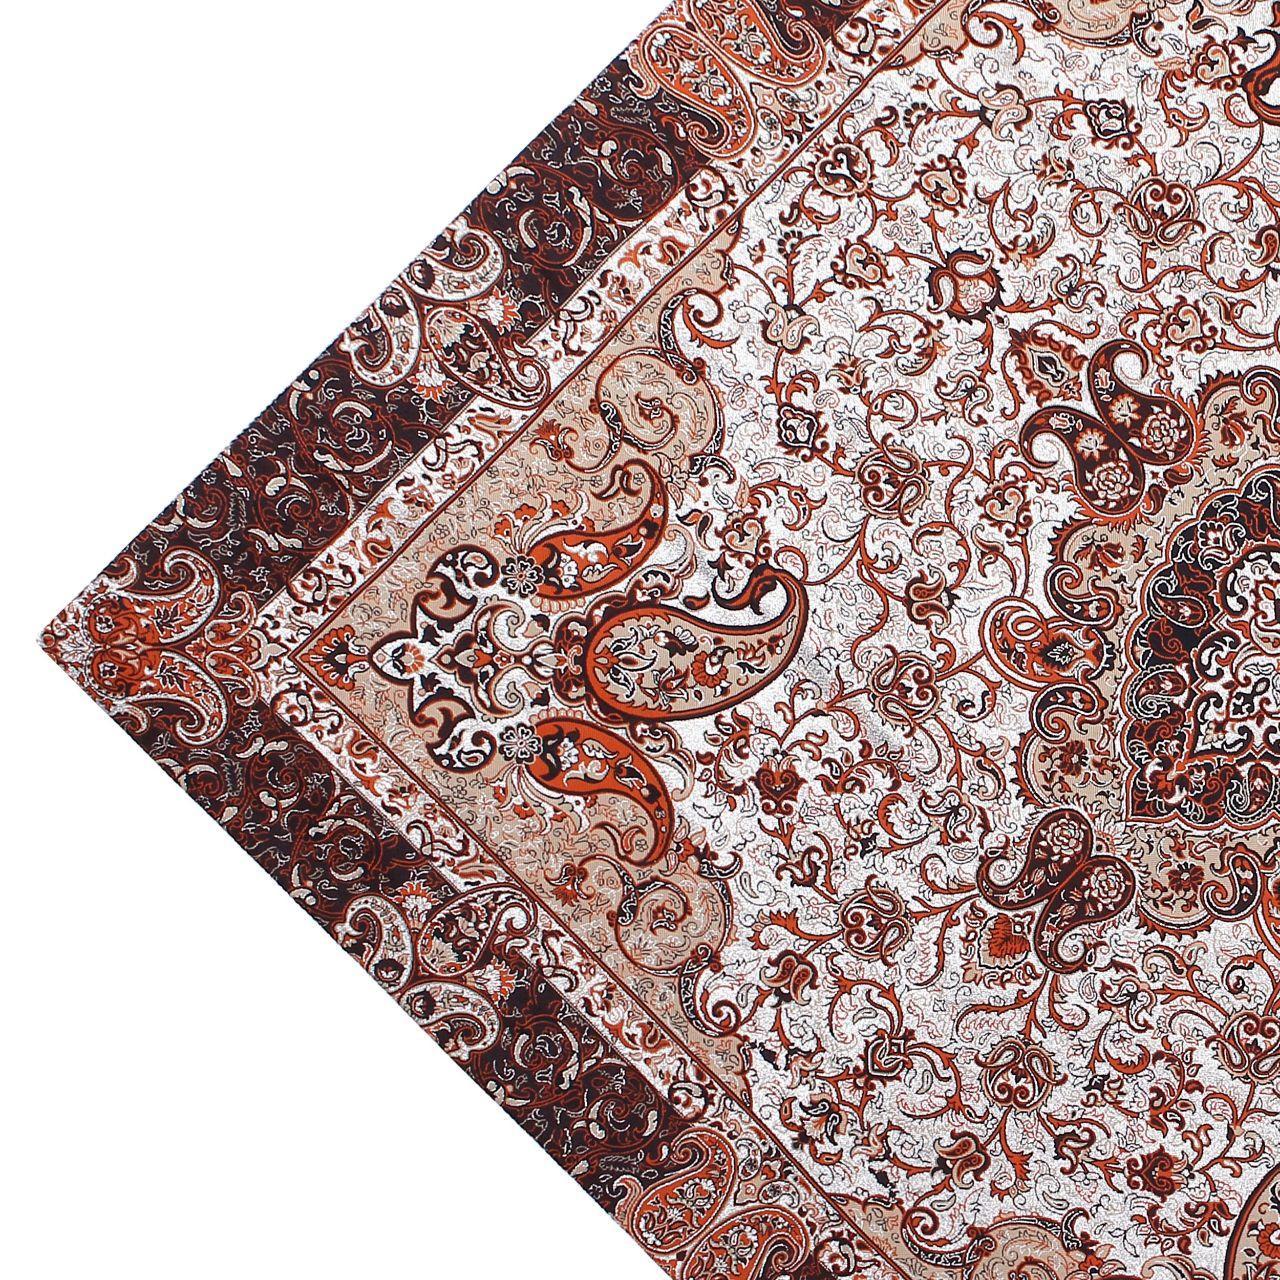 Atlas cashmere tablecloth, code krm-1007